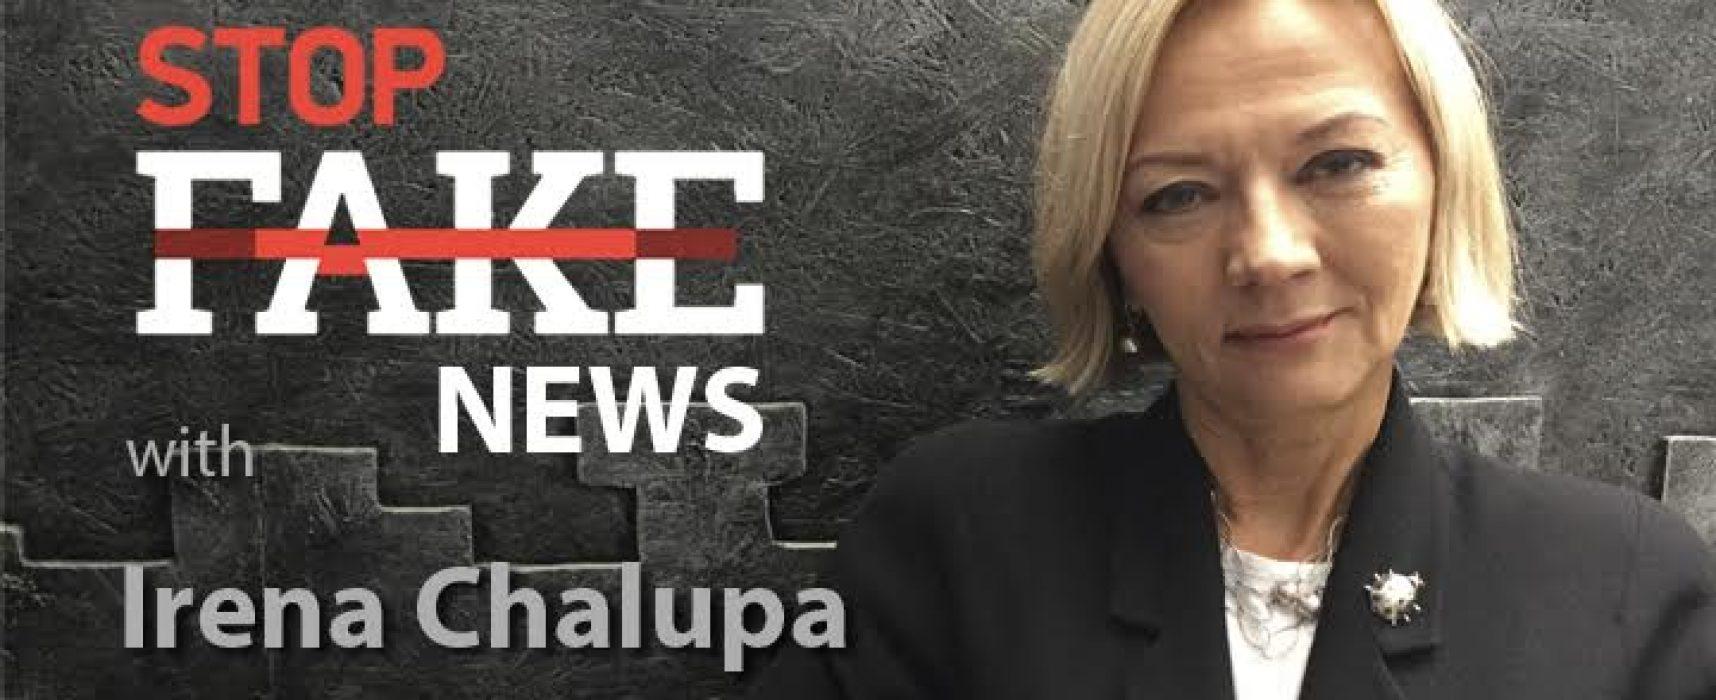 StopFakeNews #107 [Engels] met Irena Chalupa